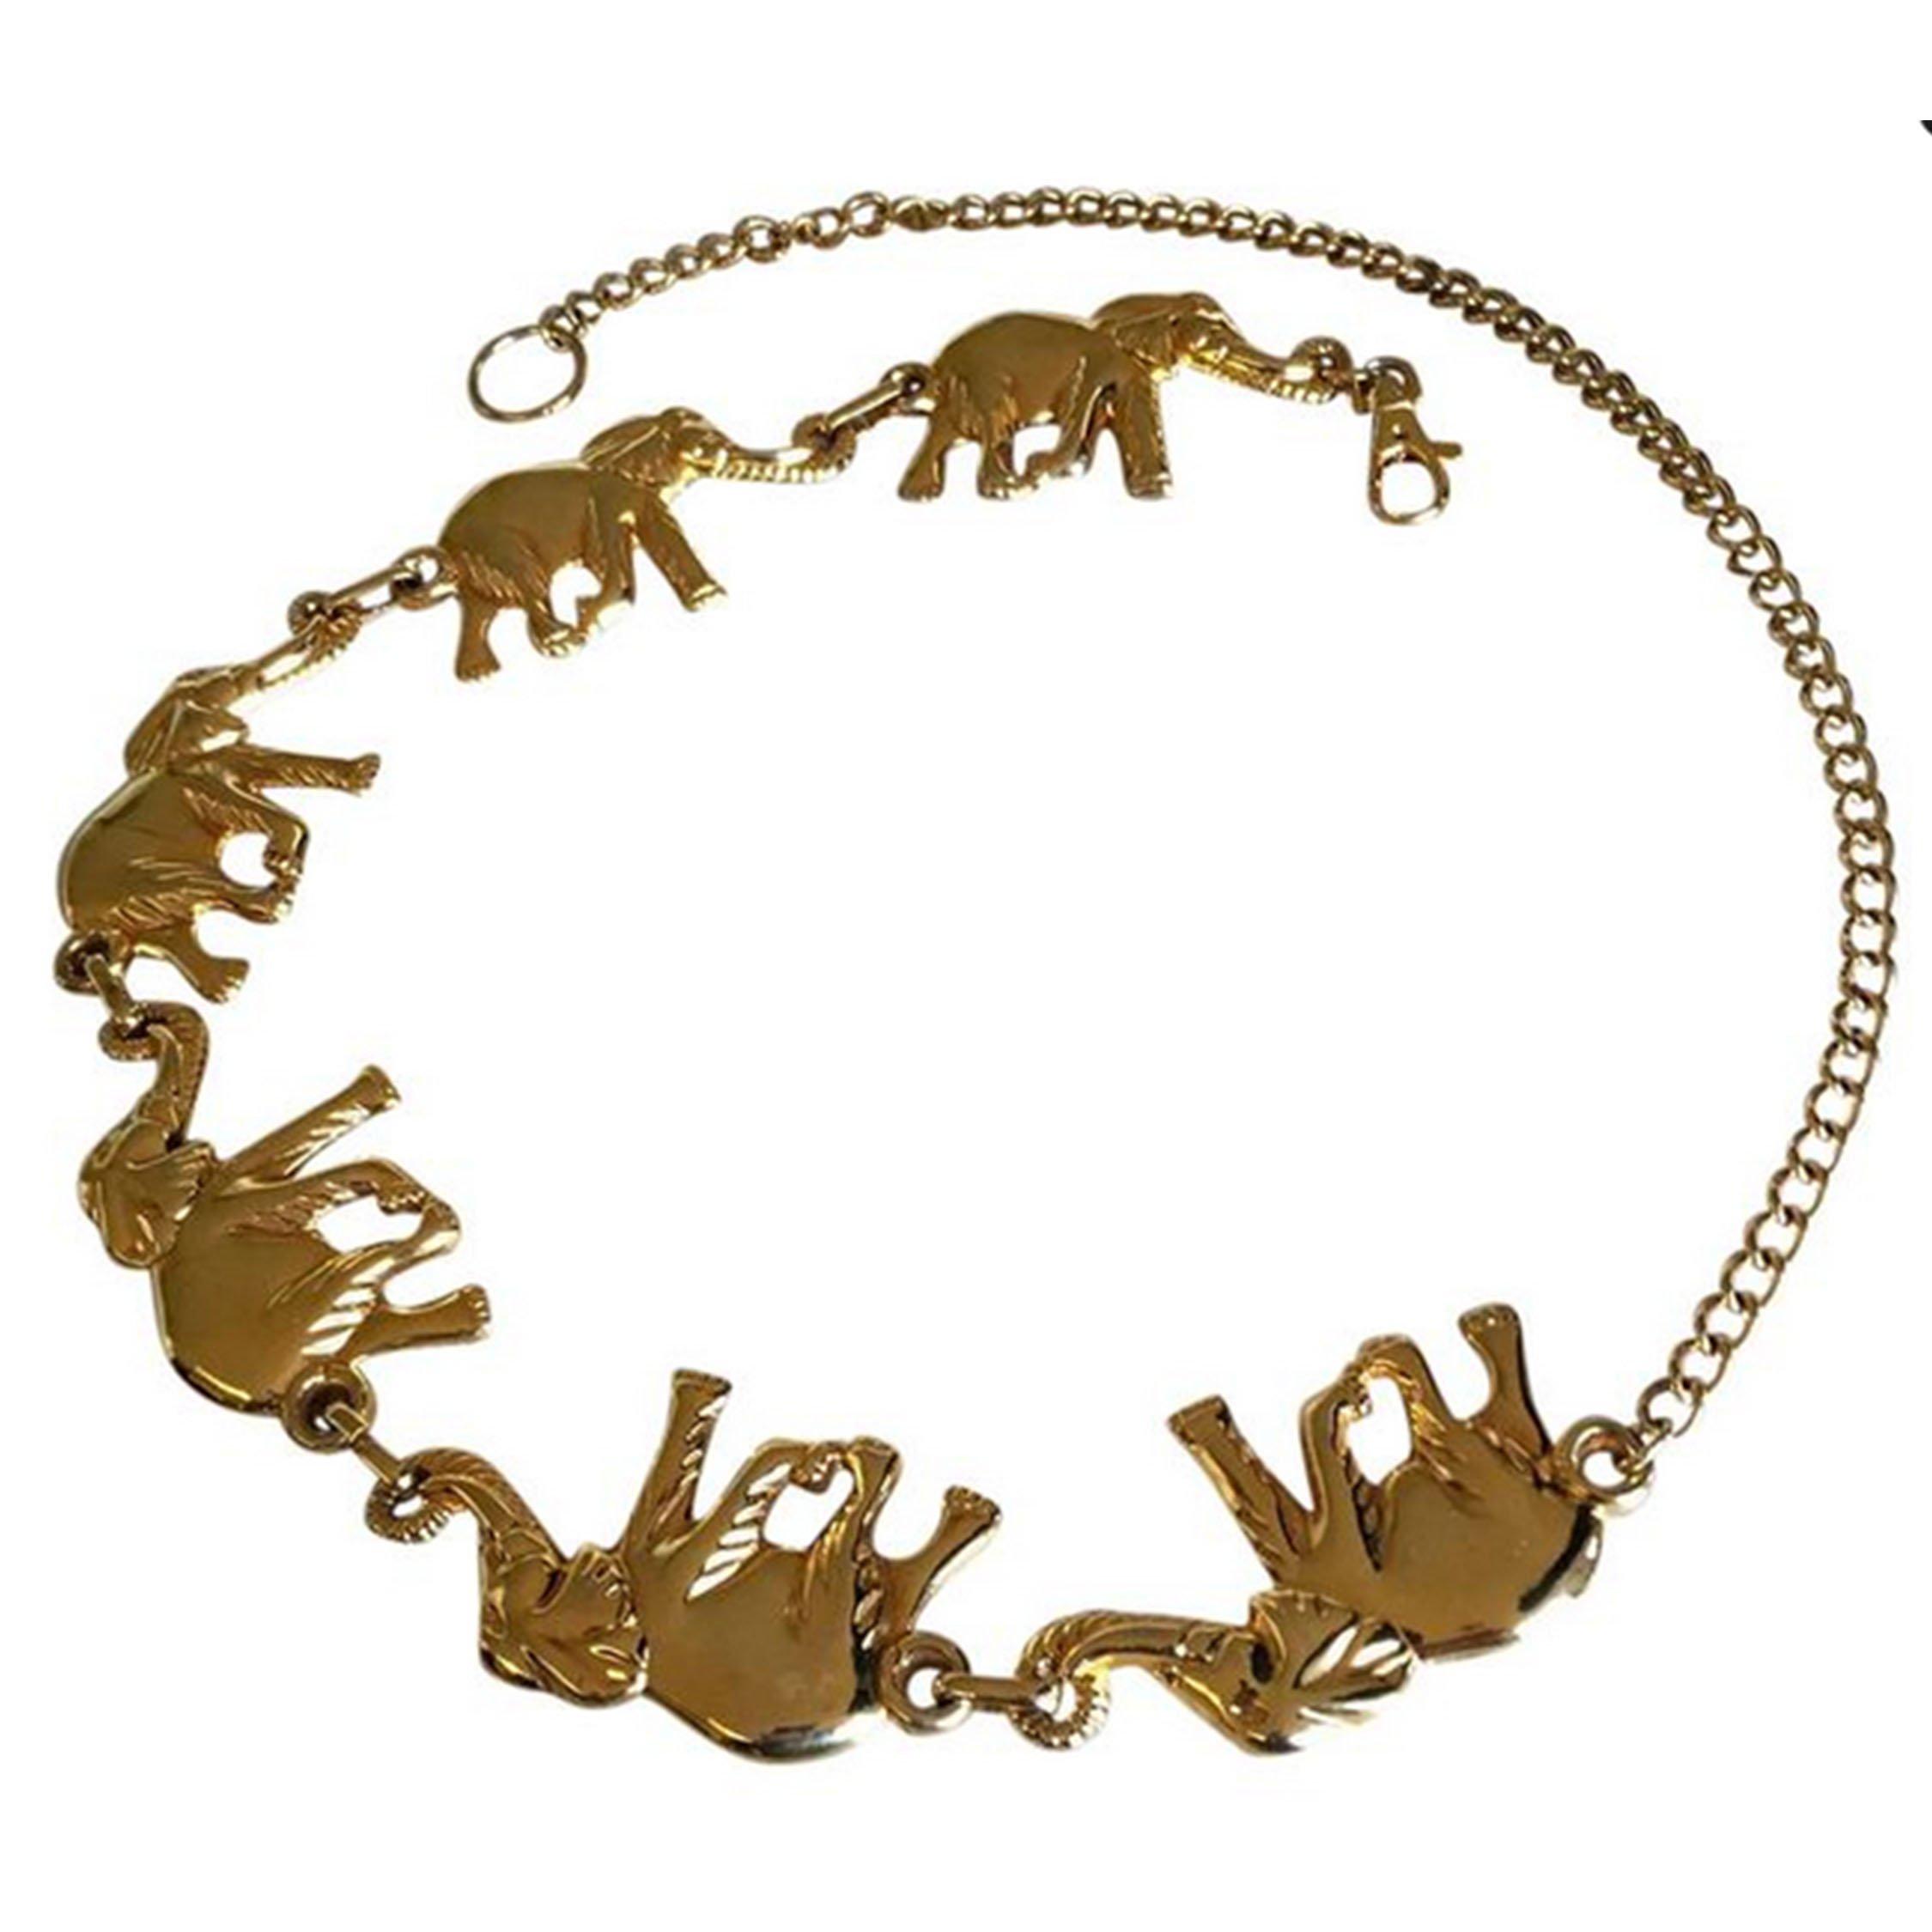 Vintage elephant figural belt